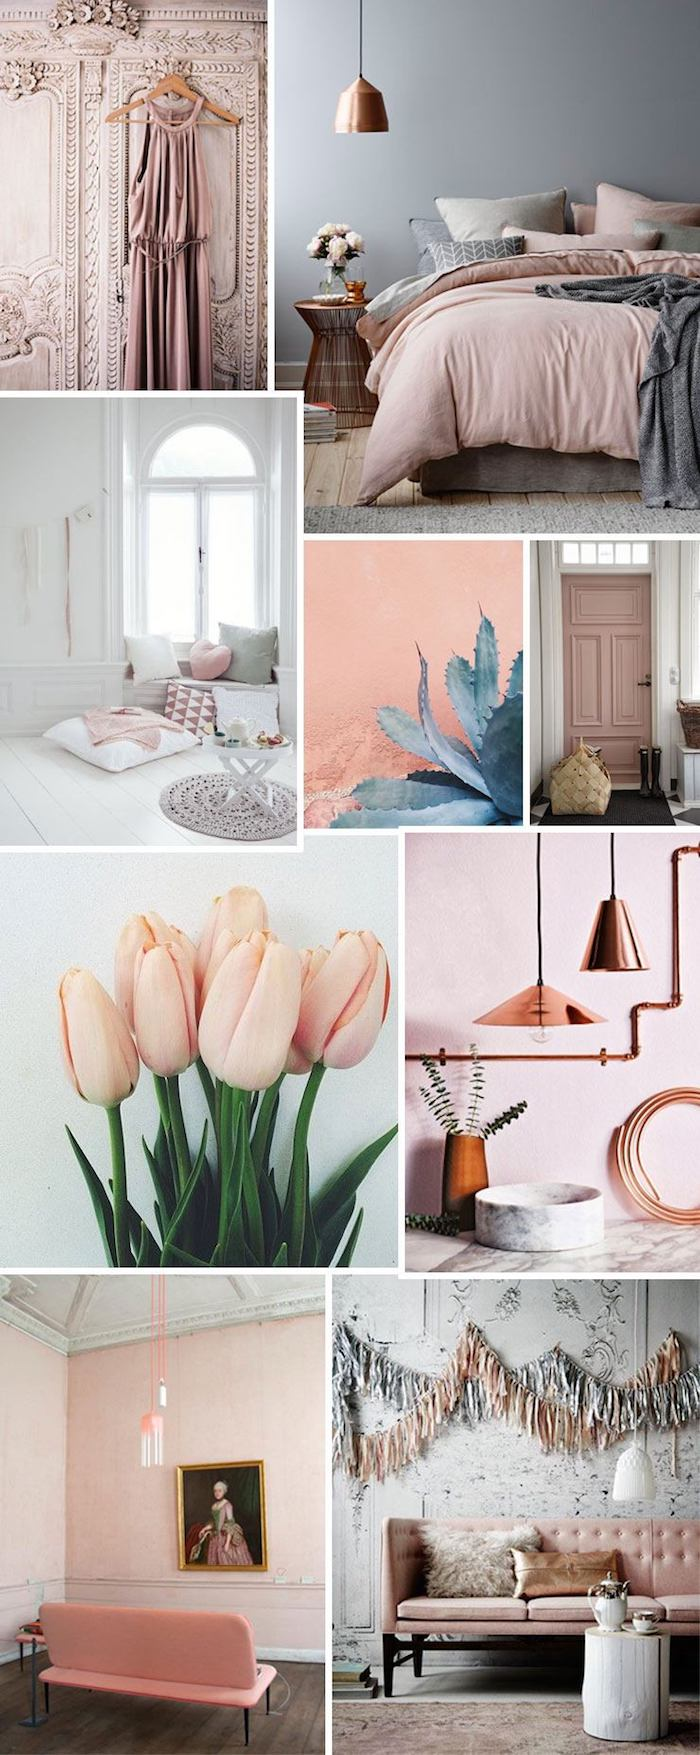 Peinture rose poudré chambre rose et blanc appartement decoration chambre couleur schème moodboard chambre à coucher planche de tendances